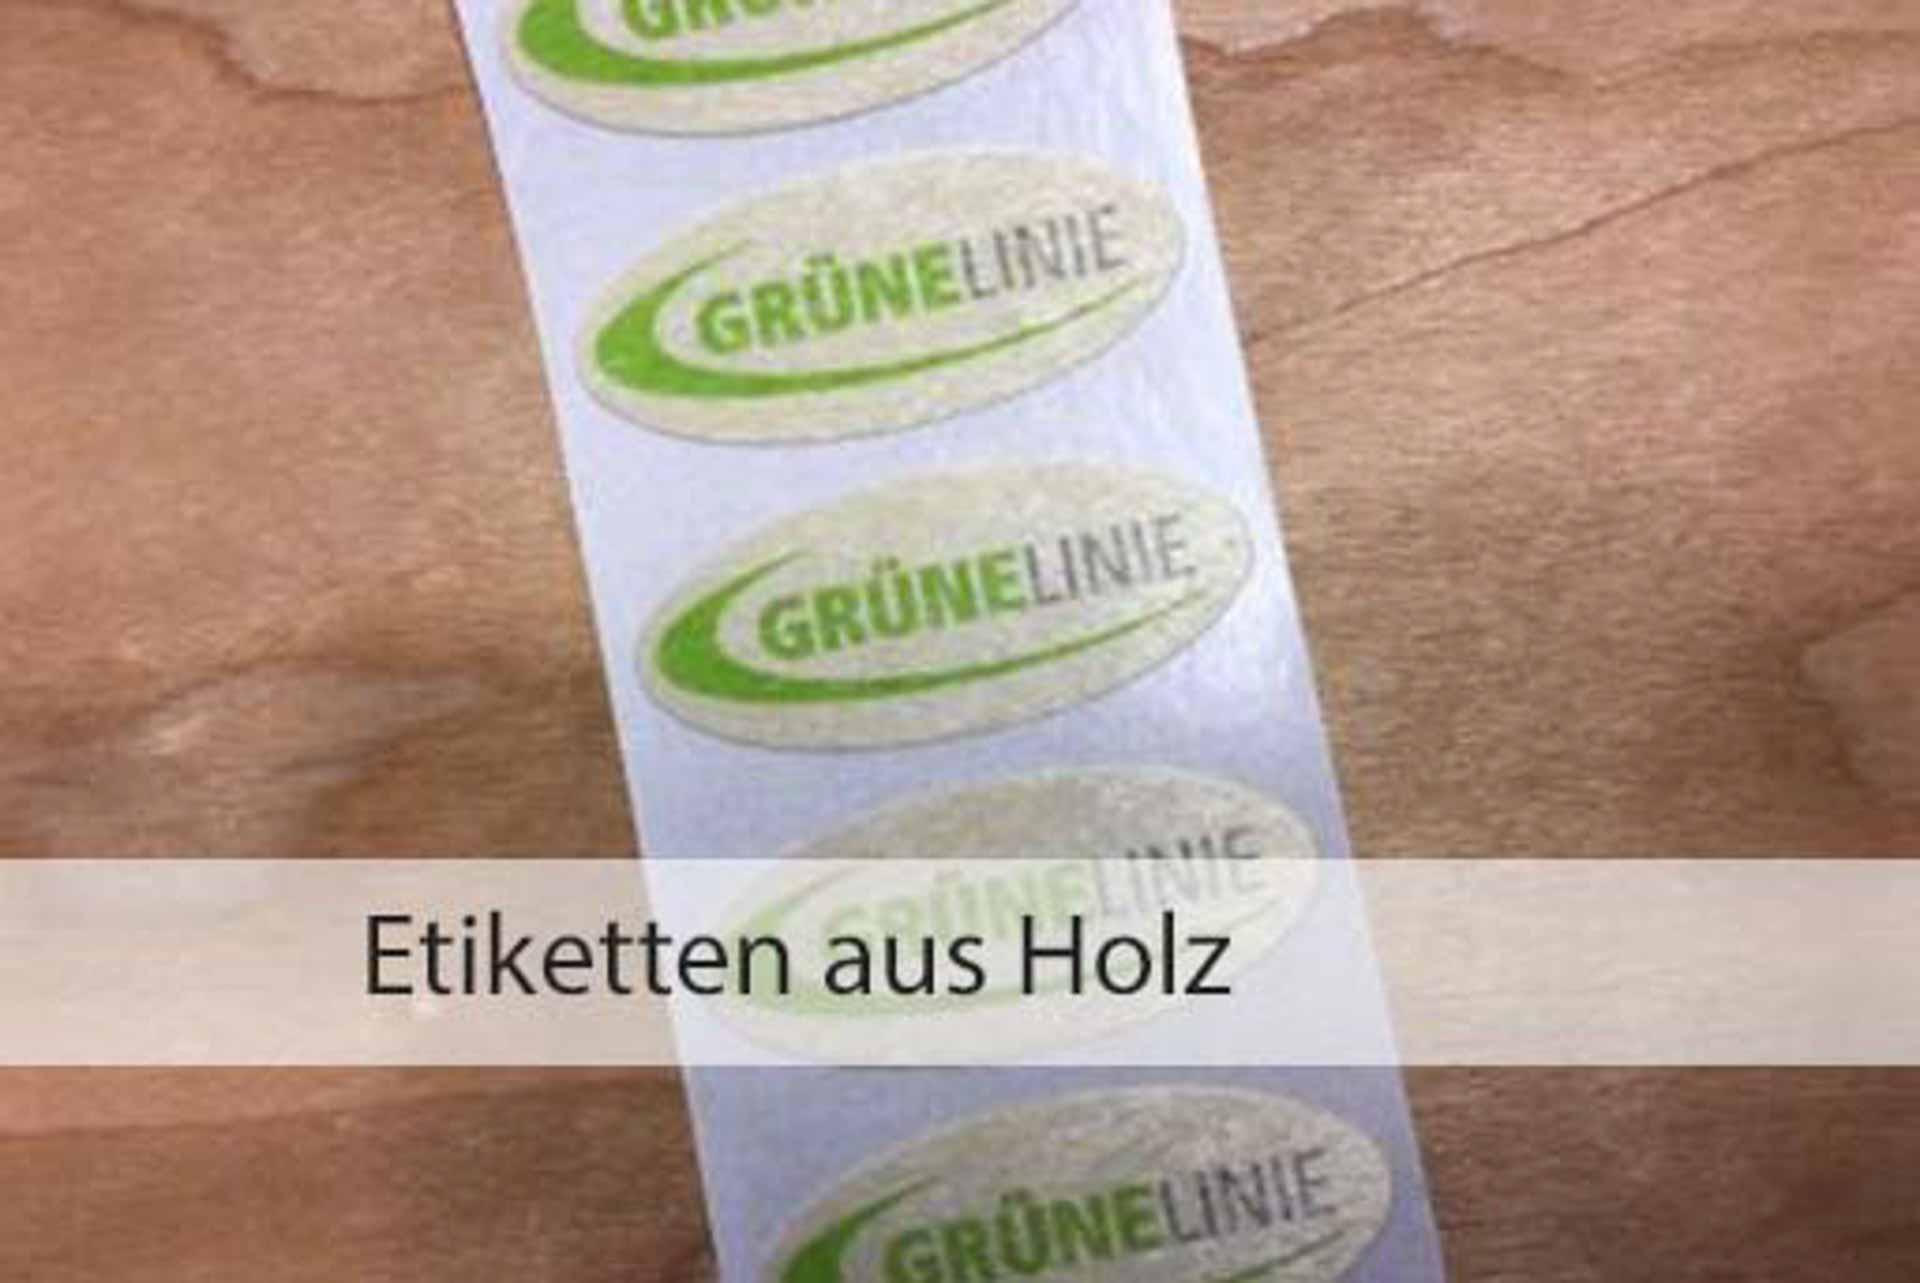 Etiketten aus Holz | Papier-Schäfer GmbH & Co. KG